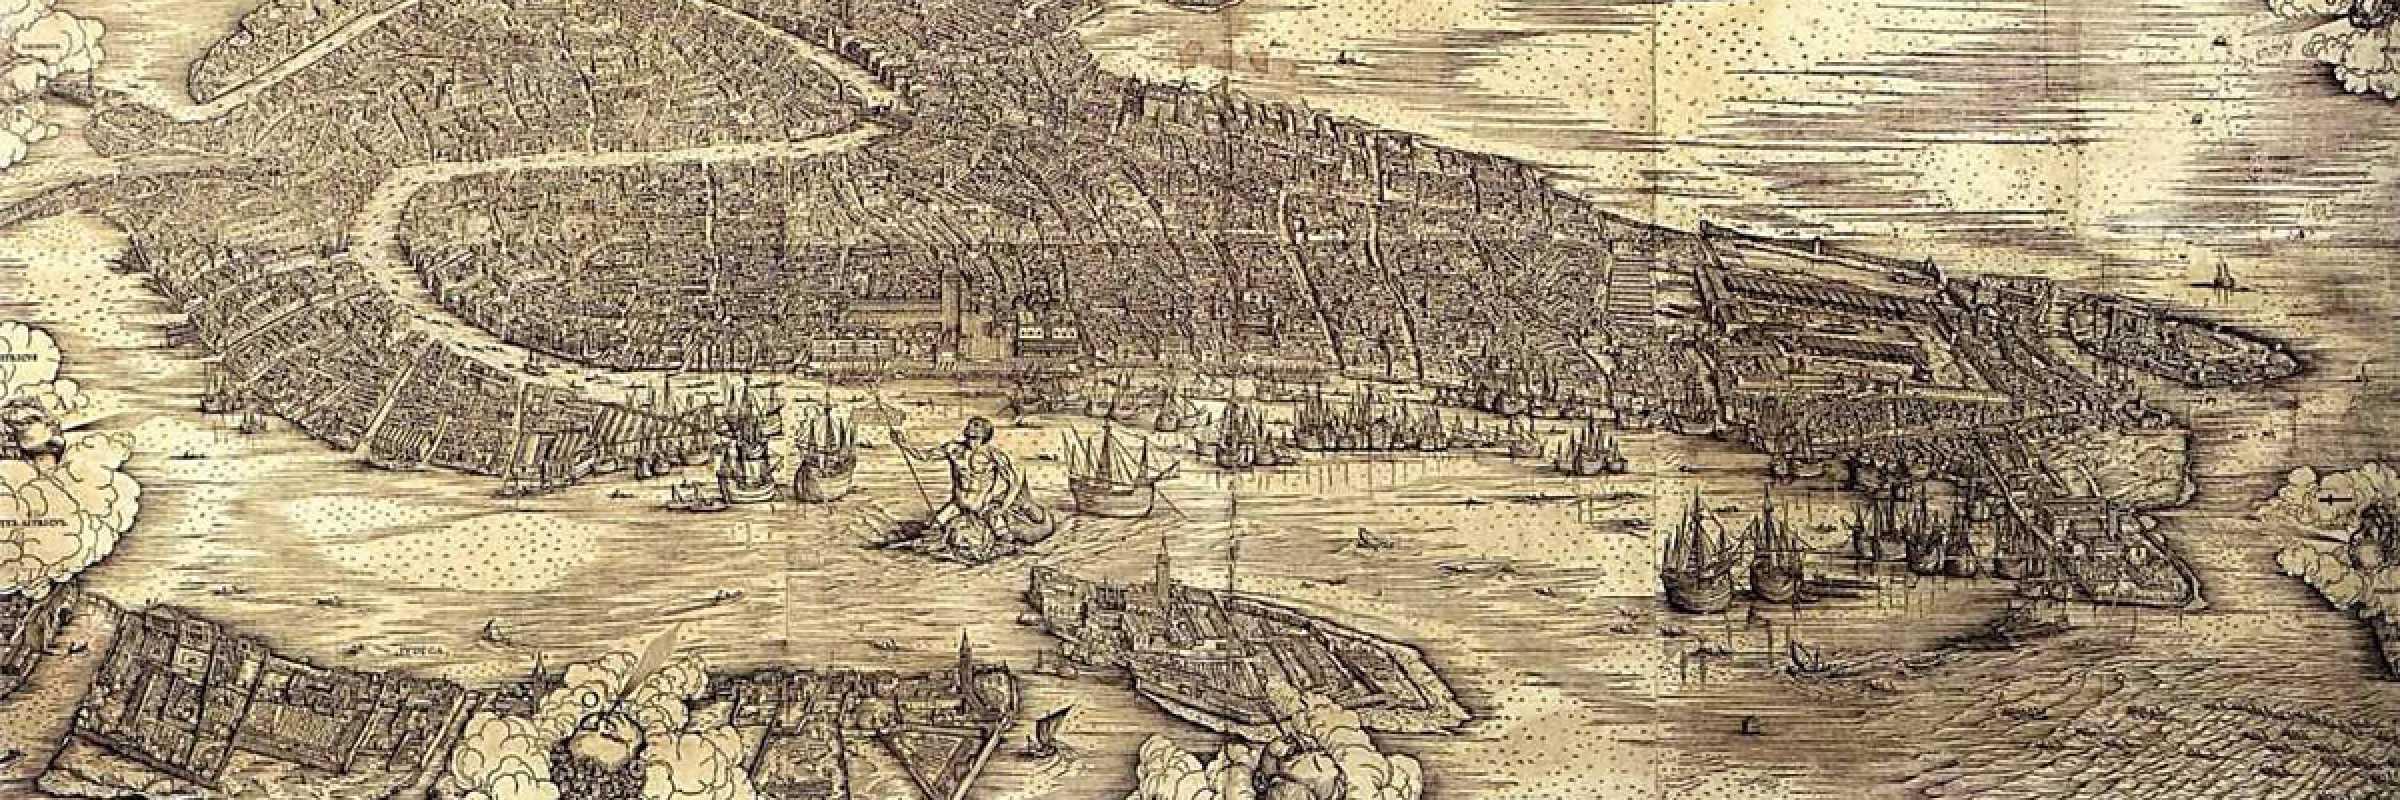 La veduta di Venezia a volo d'uccello di Jacopo de Barbari, 1500.